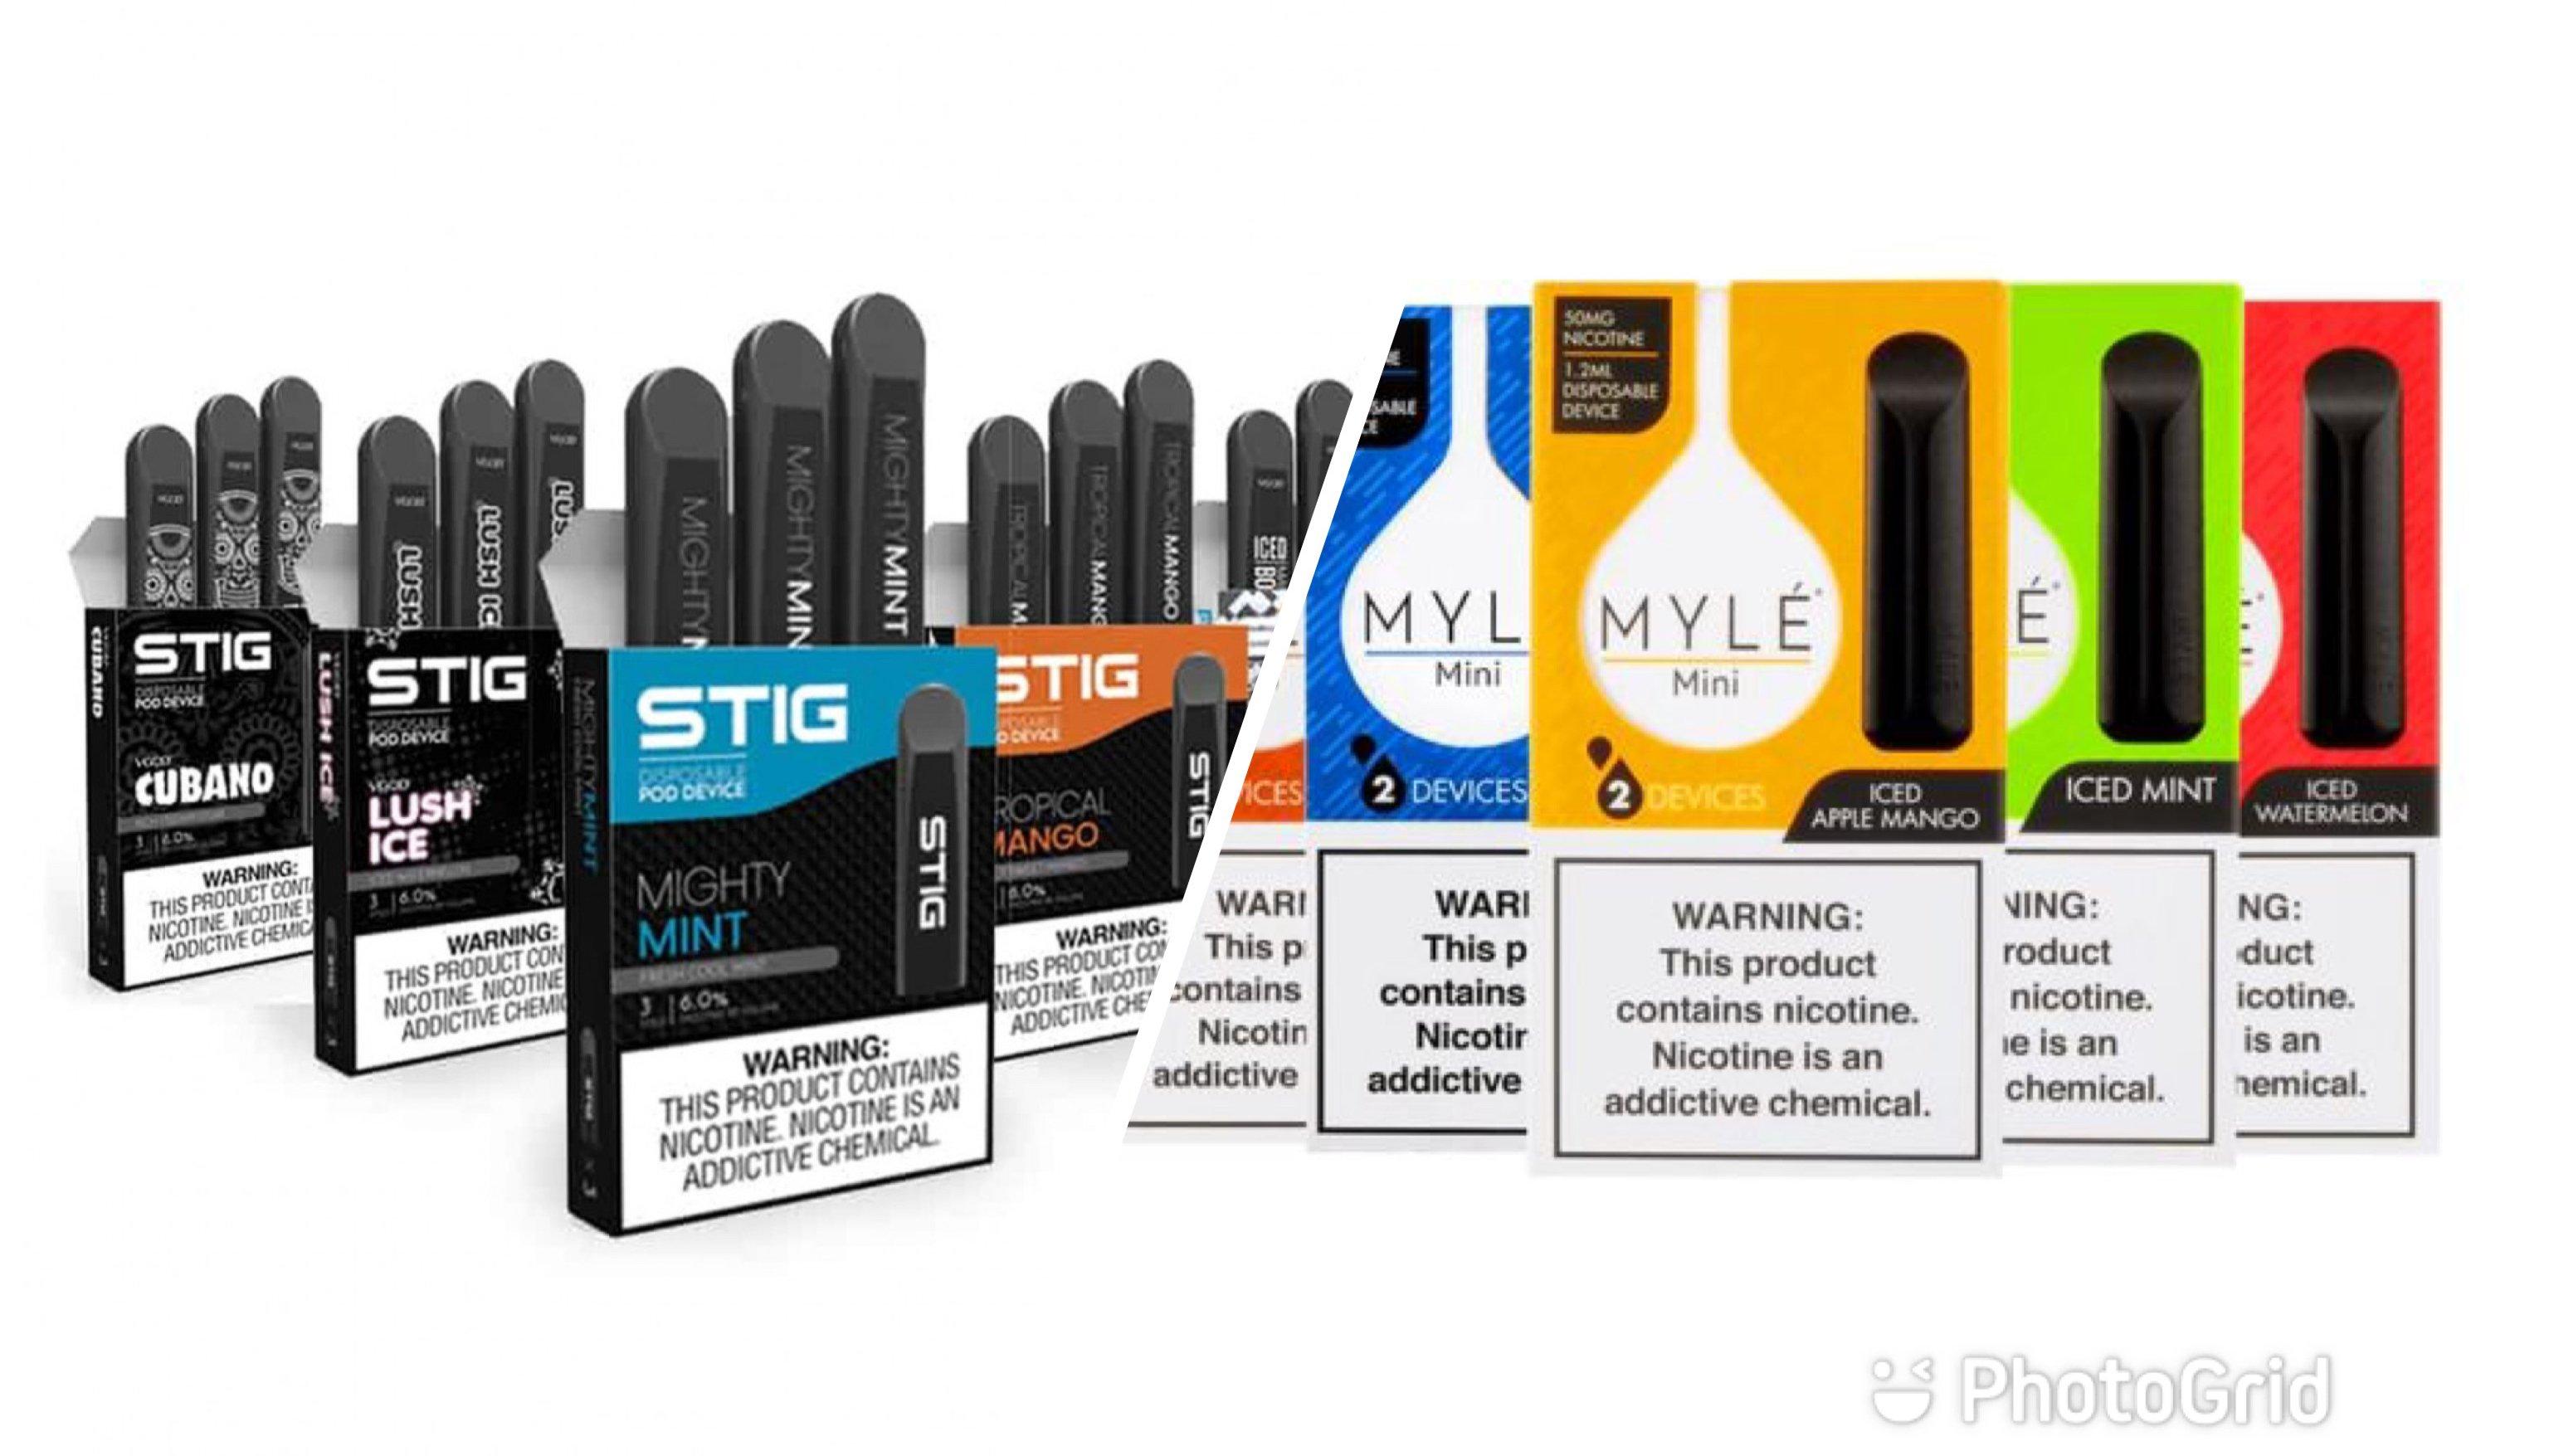 سحبات سيجارة معبأة استخدام مرة واحدة - Disposable Vape Device